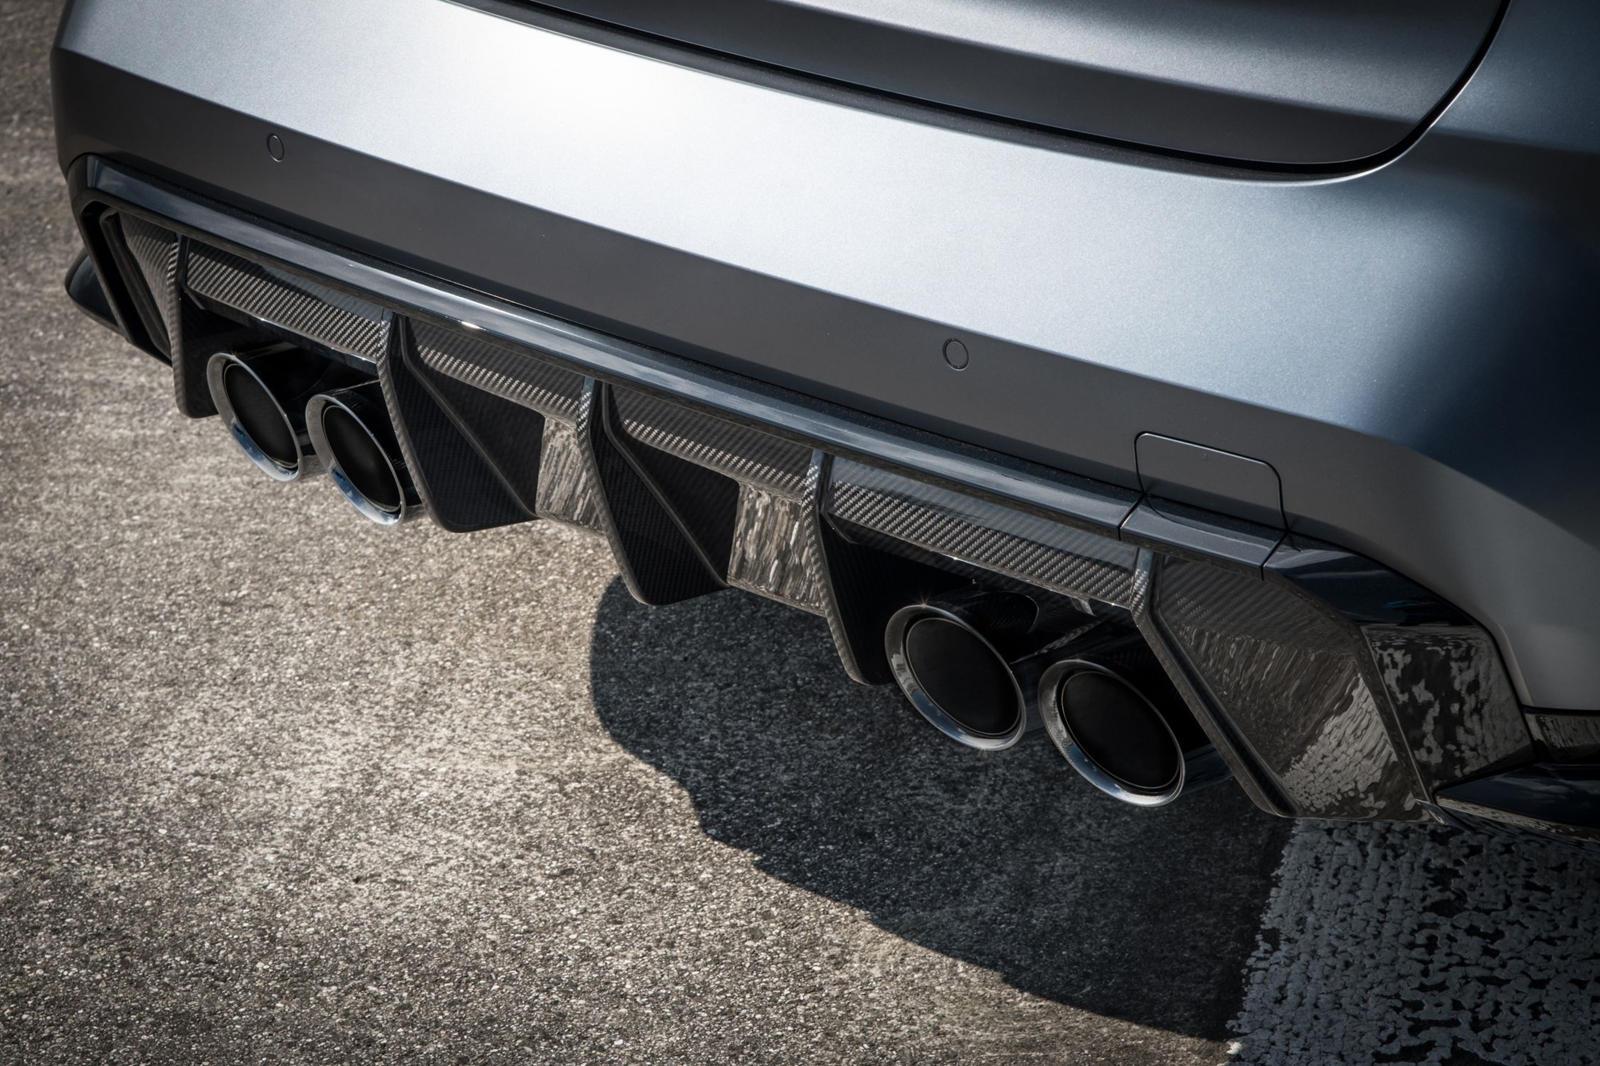 BMW теперь имеет дело с тем же самым после того, как в марте запустила радиорекламу, которая открывалась звуком ревущего двигателя перед тем, как закадровый голос начинал говорить. Реклама была для BMW M в Великобритании, так что звук ревущнго автомо